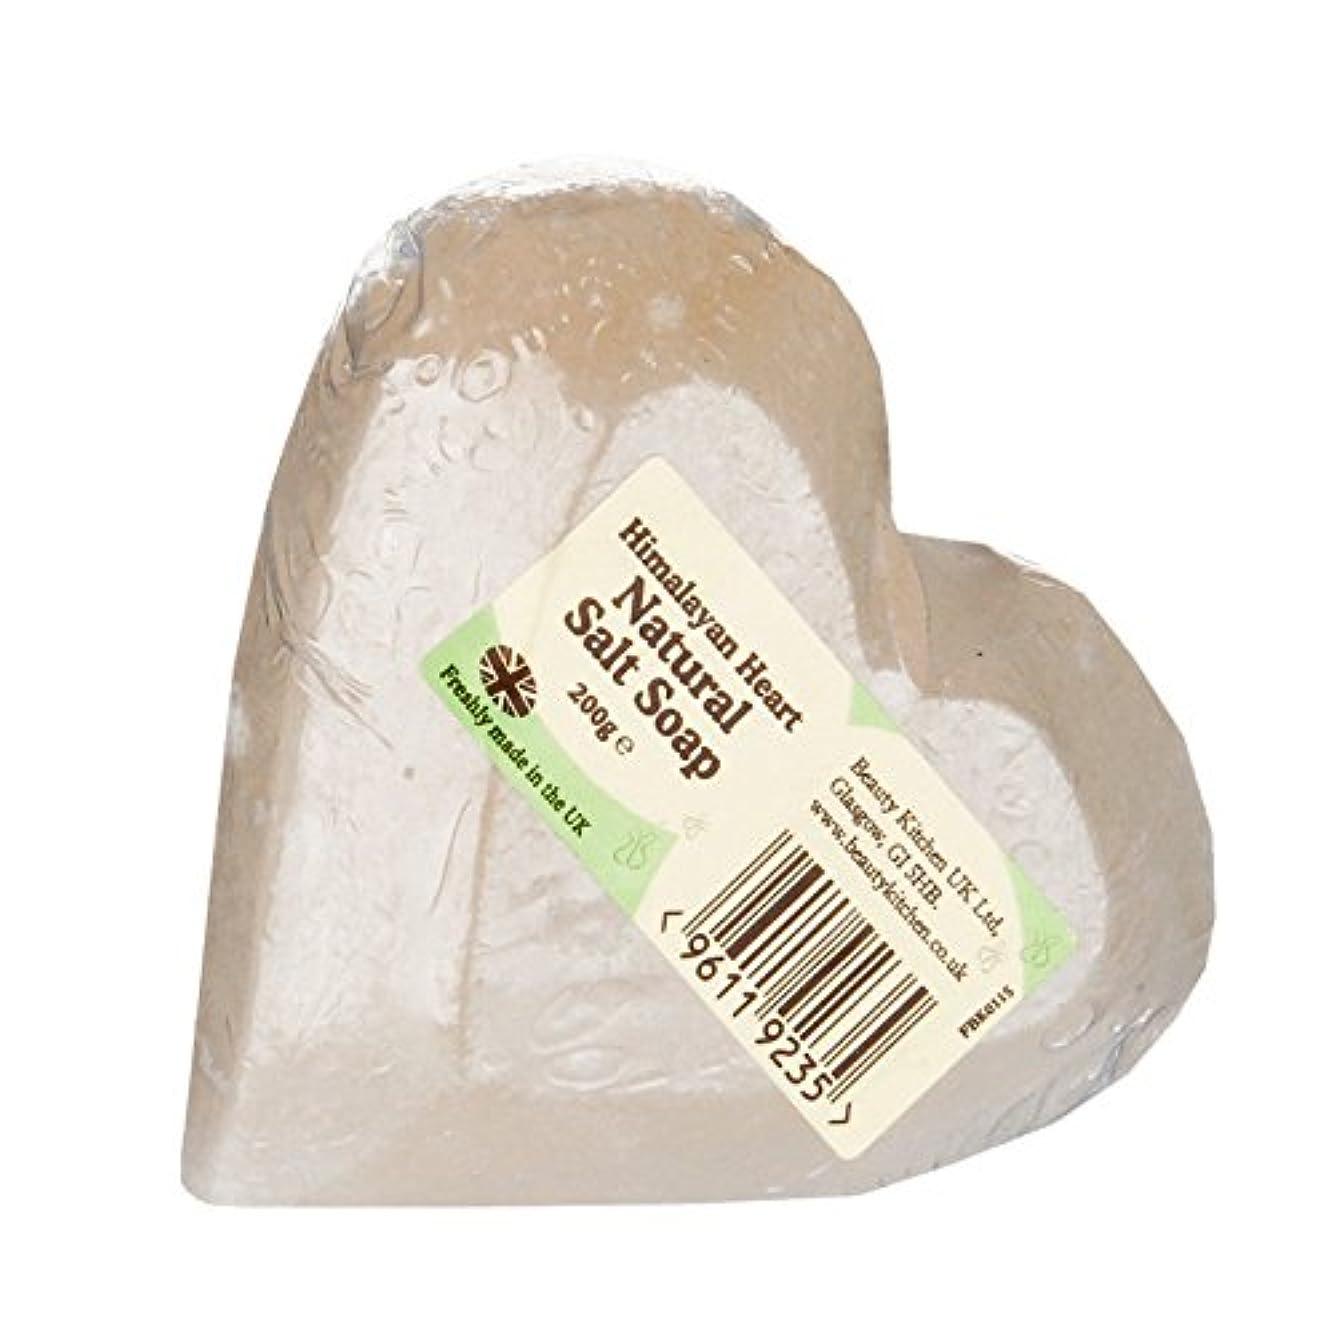 ちっちゃいカプラー治すBeauty Kitchen Himalayan Heart Soap 200g (Pack of 2) - 美容キッチンヒマラヤンハートソープ200グラム (x2) [並行輸入品]